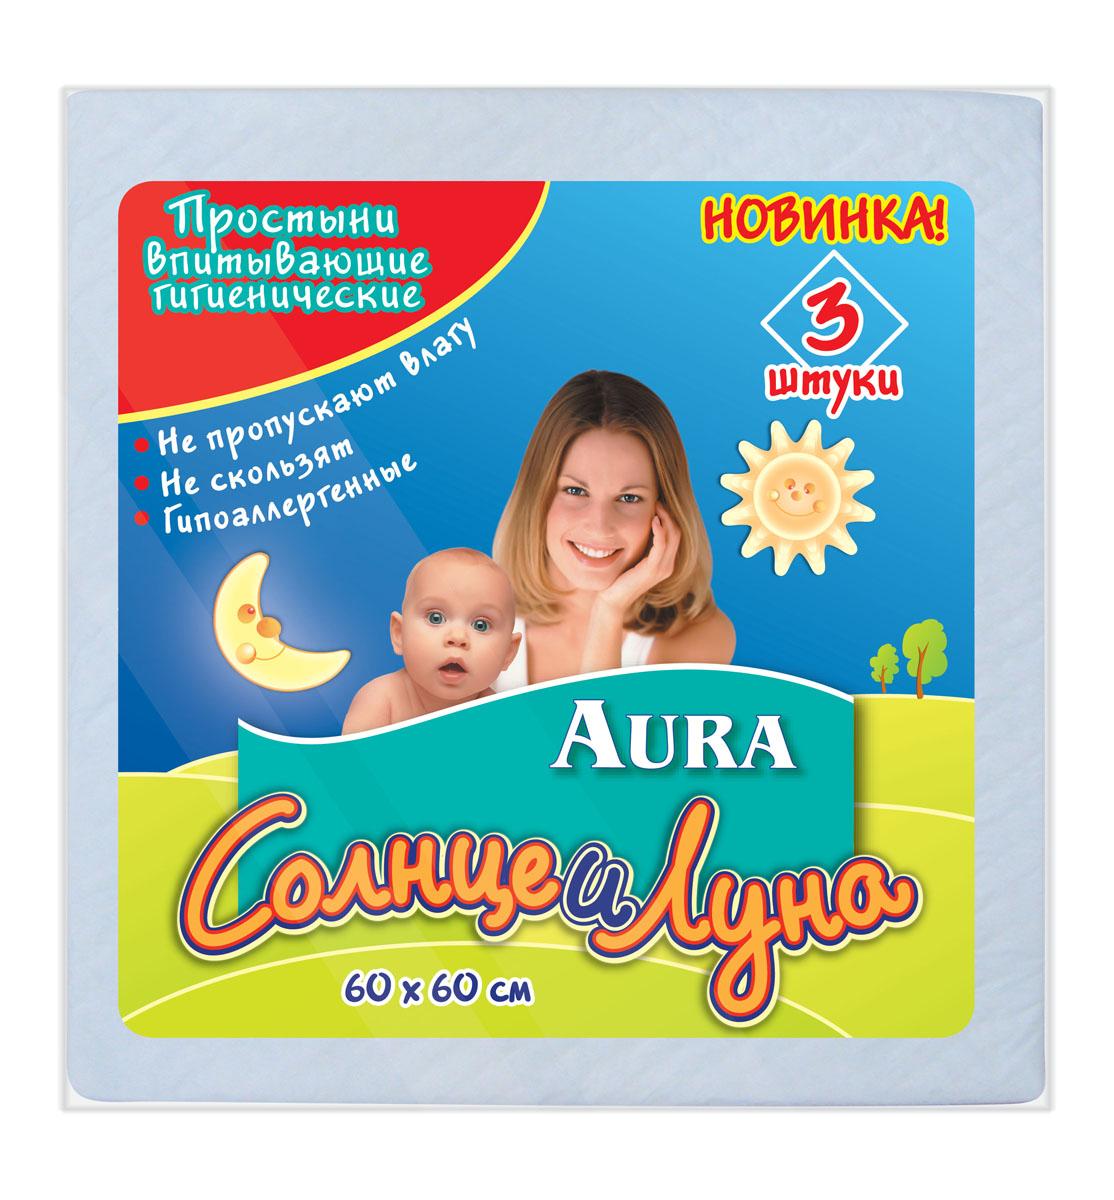 Простыни впитывающие гигиенические Aura Солнце и Луна, 60 см х 60 см, 3 шт3339Впитывающие гигиенические простыни Aura Солнце и Луна предназначены для дополнительной защиты постельного белья при уходе за детьми. Поверхность из мягкого нетканого материала не раздражает кожу. Специальная пробивка и внутренний слой из распушенной целлюлозы обеспечивают быстрое впитывание и распределение влаги. Внутренний слой простыни представляет собой нескользящую защитную пленку, препятствующую протеканию. Края простыни надежно скреплены для лучшей защиты. Простыни удобны во время смены подгузника. В комплект входят 3 одноразовые простыни. Характеристики: Материал: распушенная целлюлоза, нетканный материал, полиэтилен, медицинская бумага. Размер простыни: 60 см x 60 см.